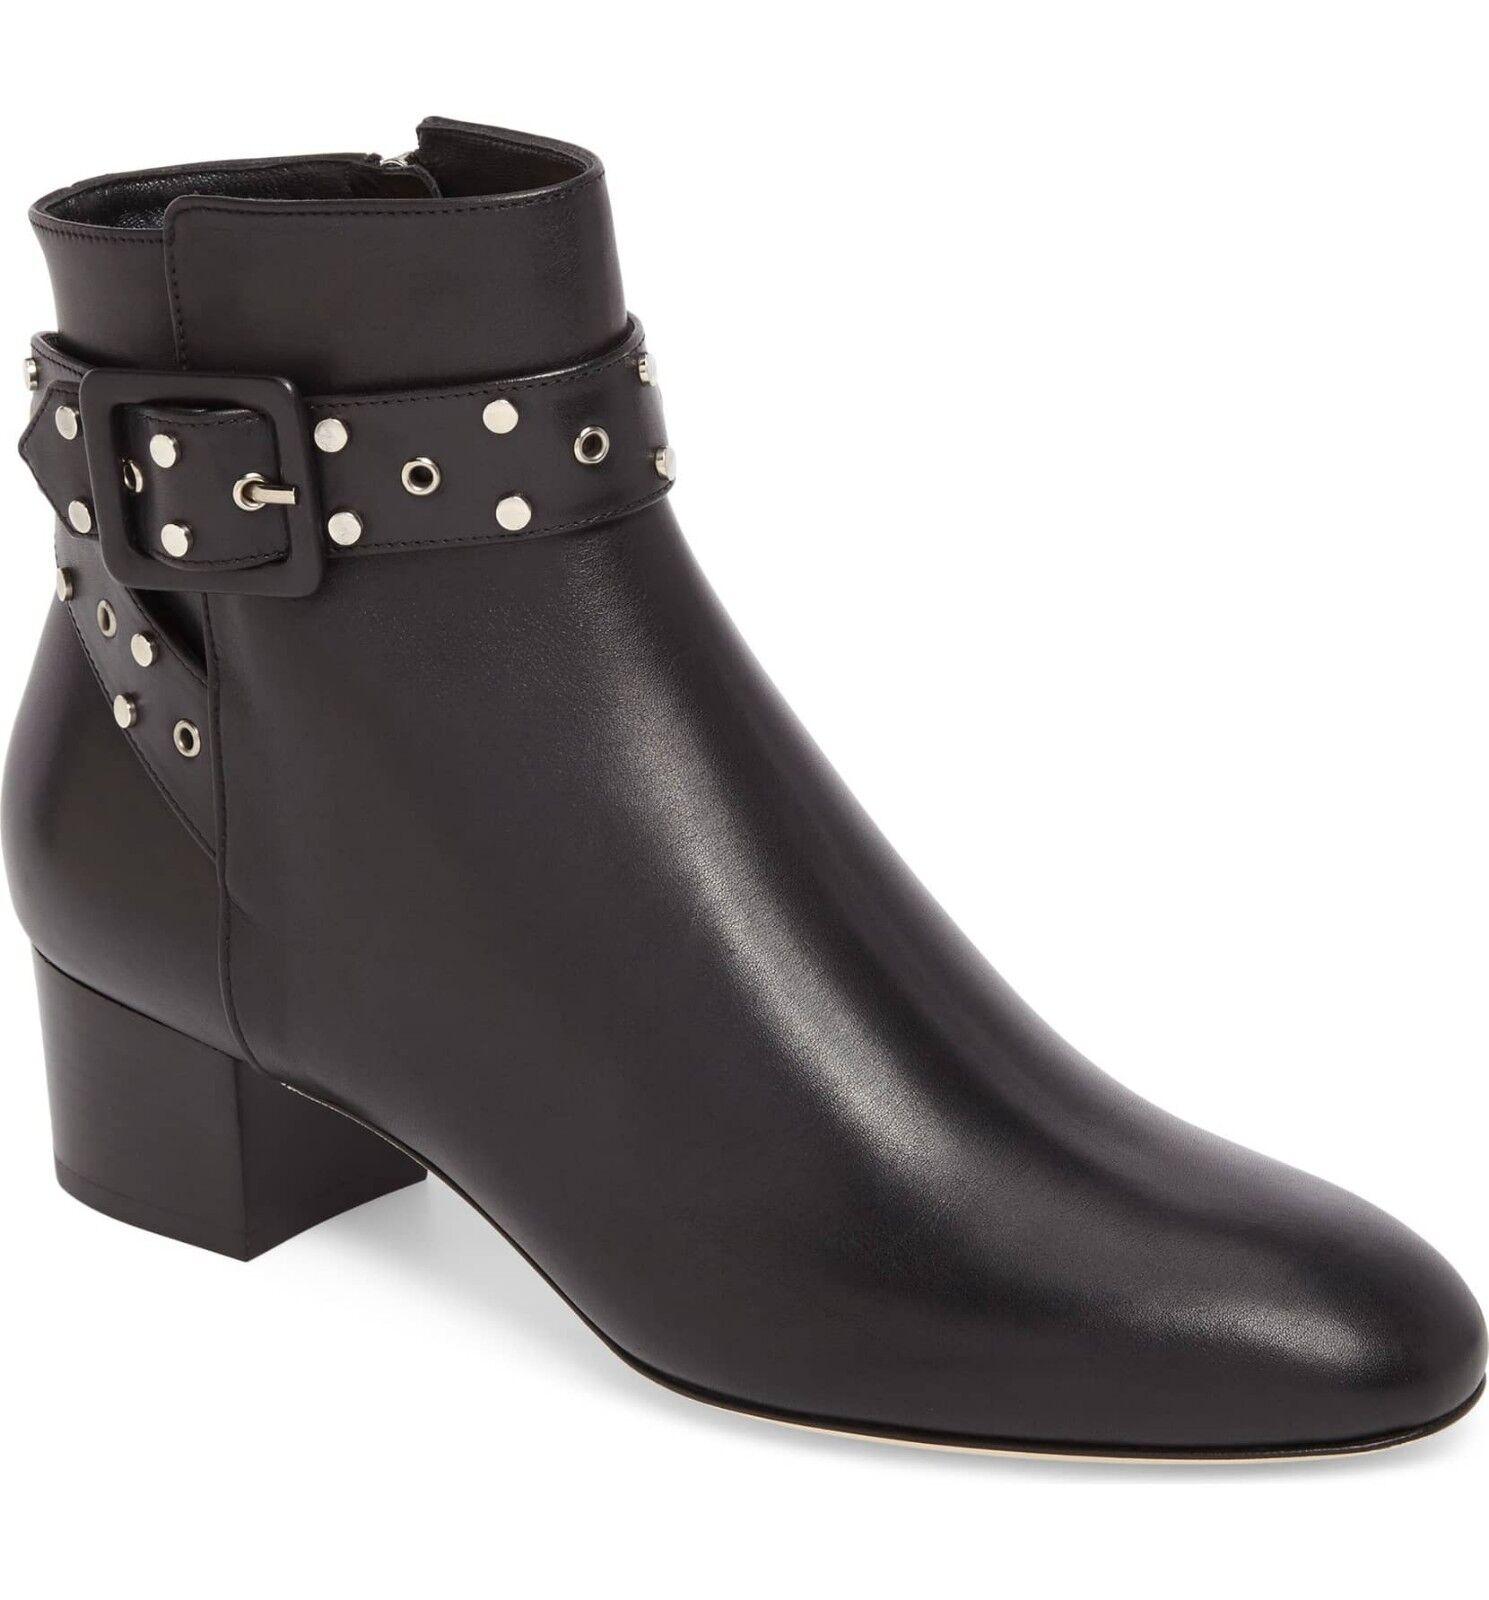 ventas en linea Jimmy Jimmy Jimmy Choo Hallie Hebilla Botines Negro con Tachuelas Botines de Piel 40 Zapato  tienda en linea